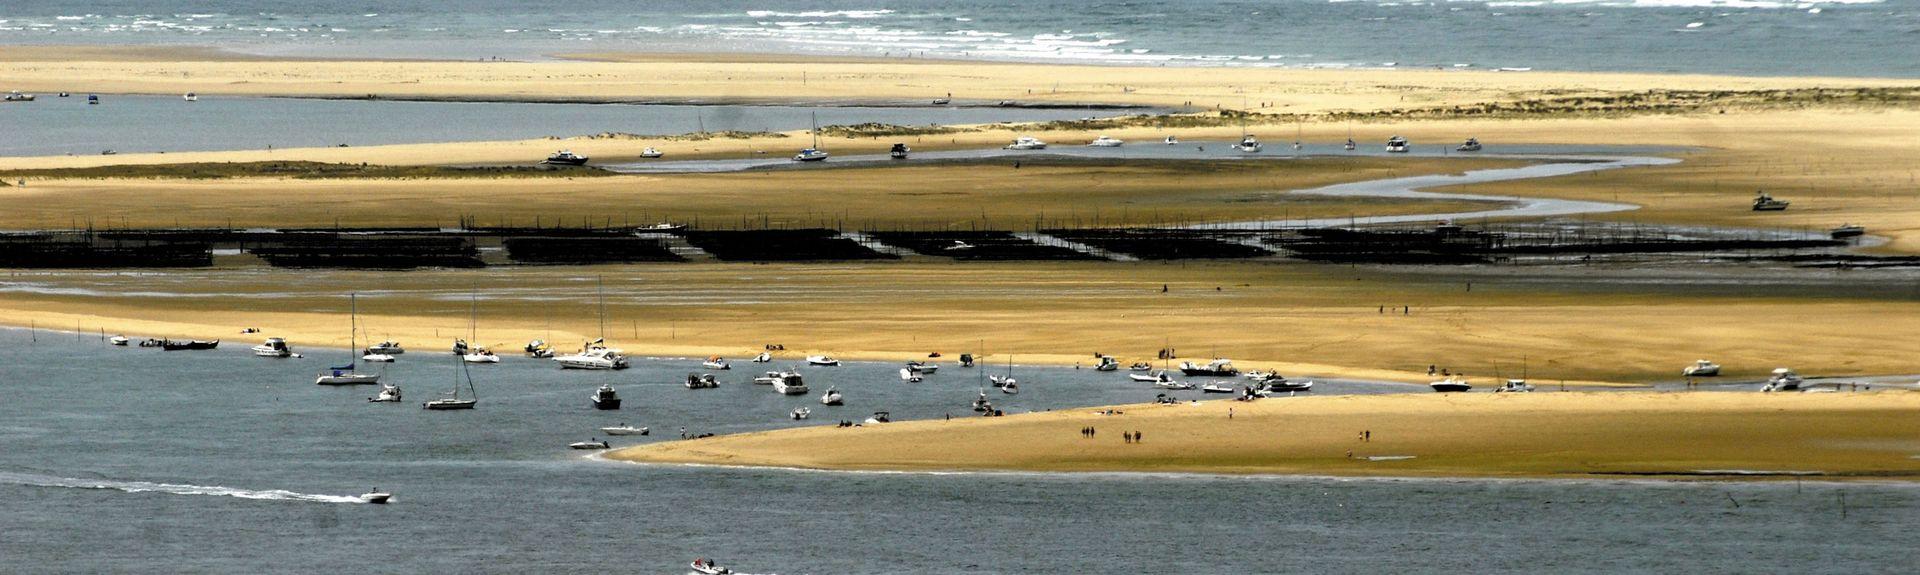 Pyla-sur-Mer, La Teste-de-Buch, Gironde (department), France